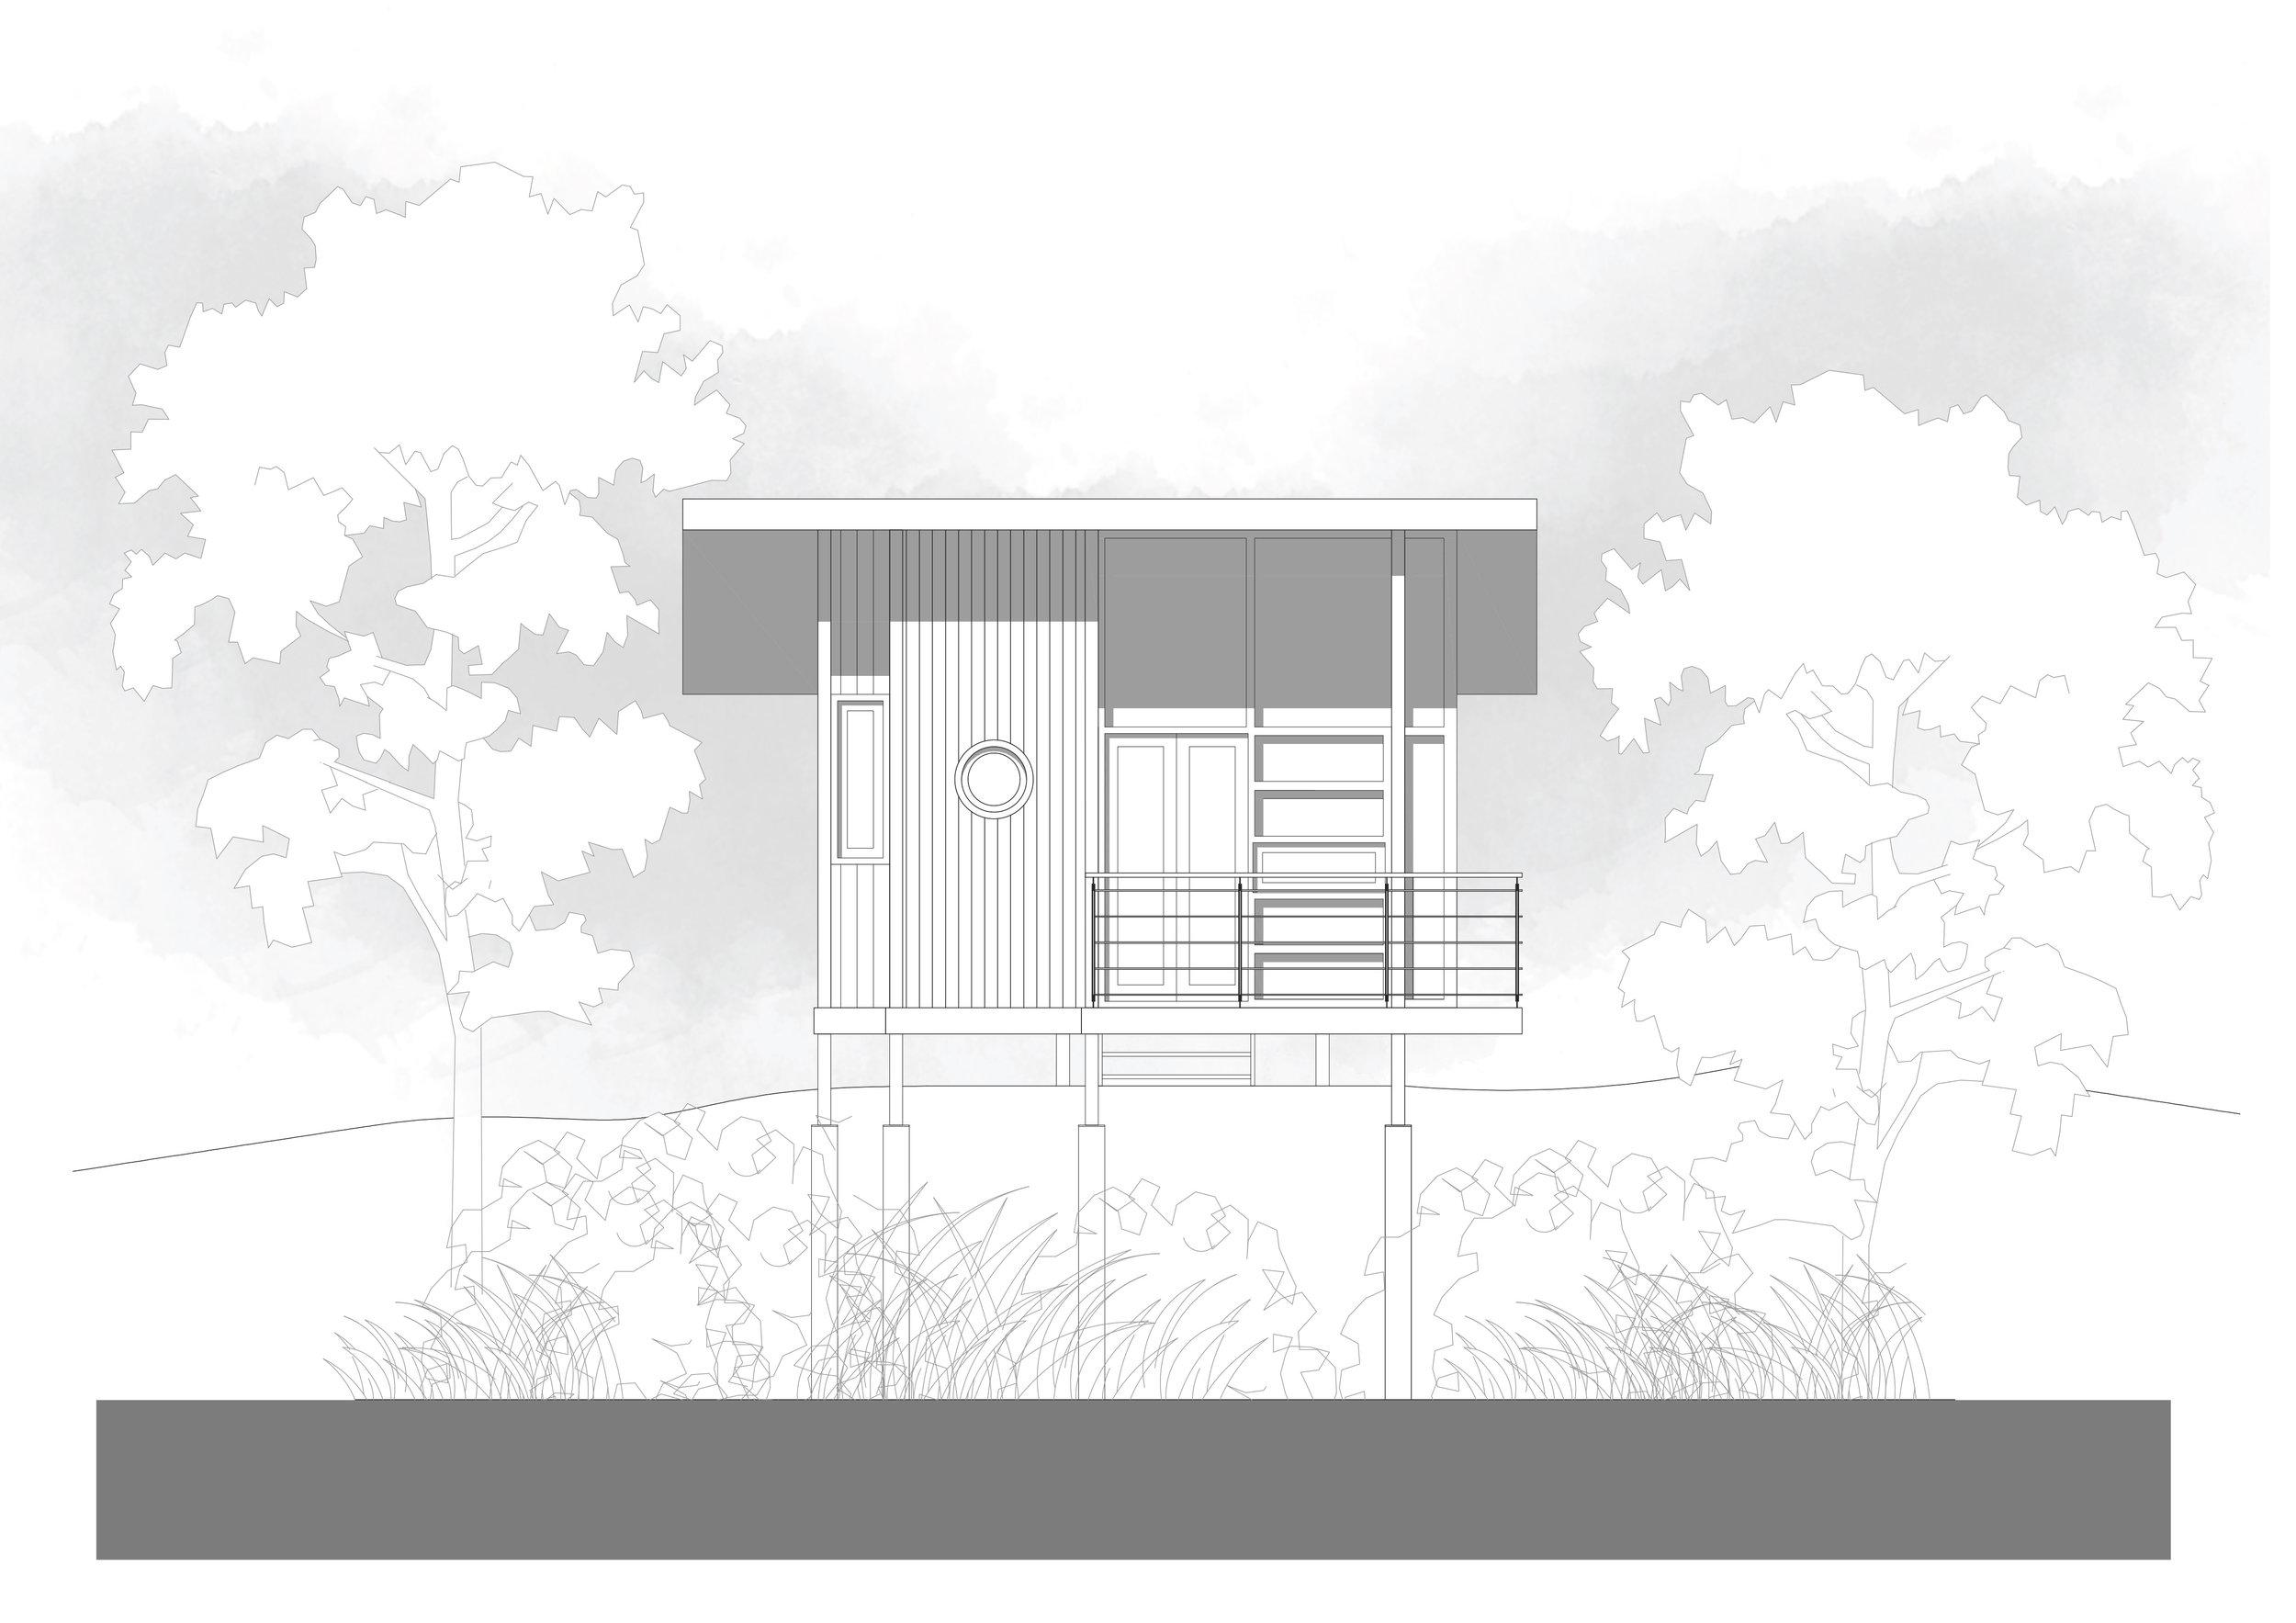 050218_NRCC_Design Cabin Elev03sky.jpg